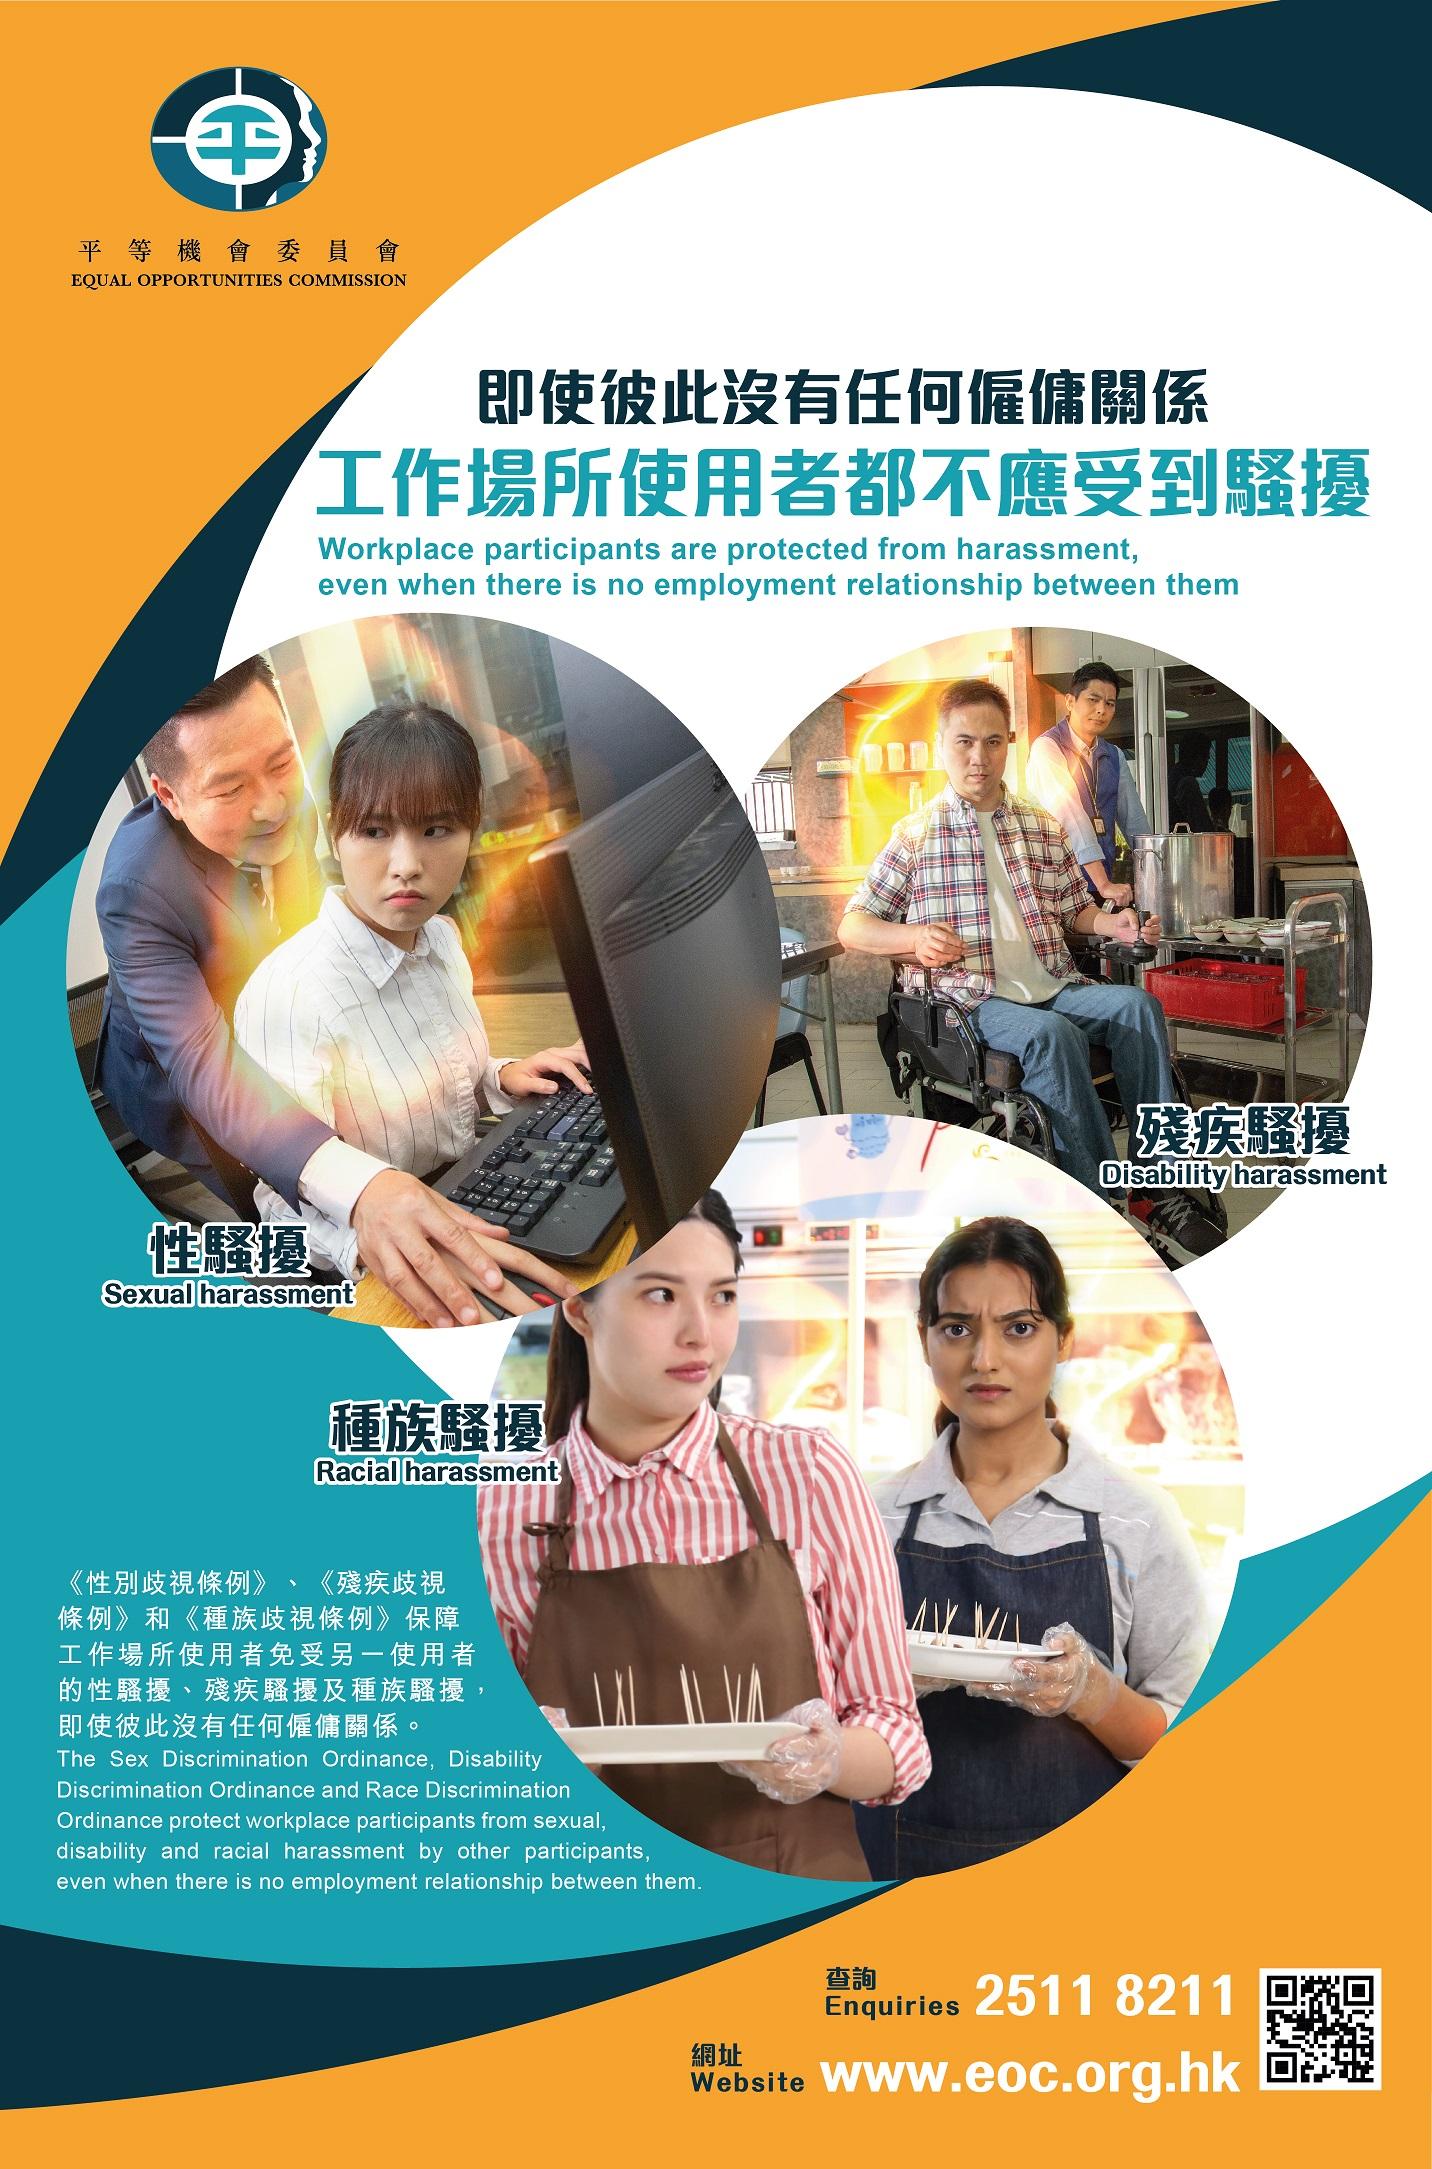 加強保障僱員免受歧視和騷擾 (Chinese only)